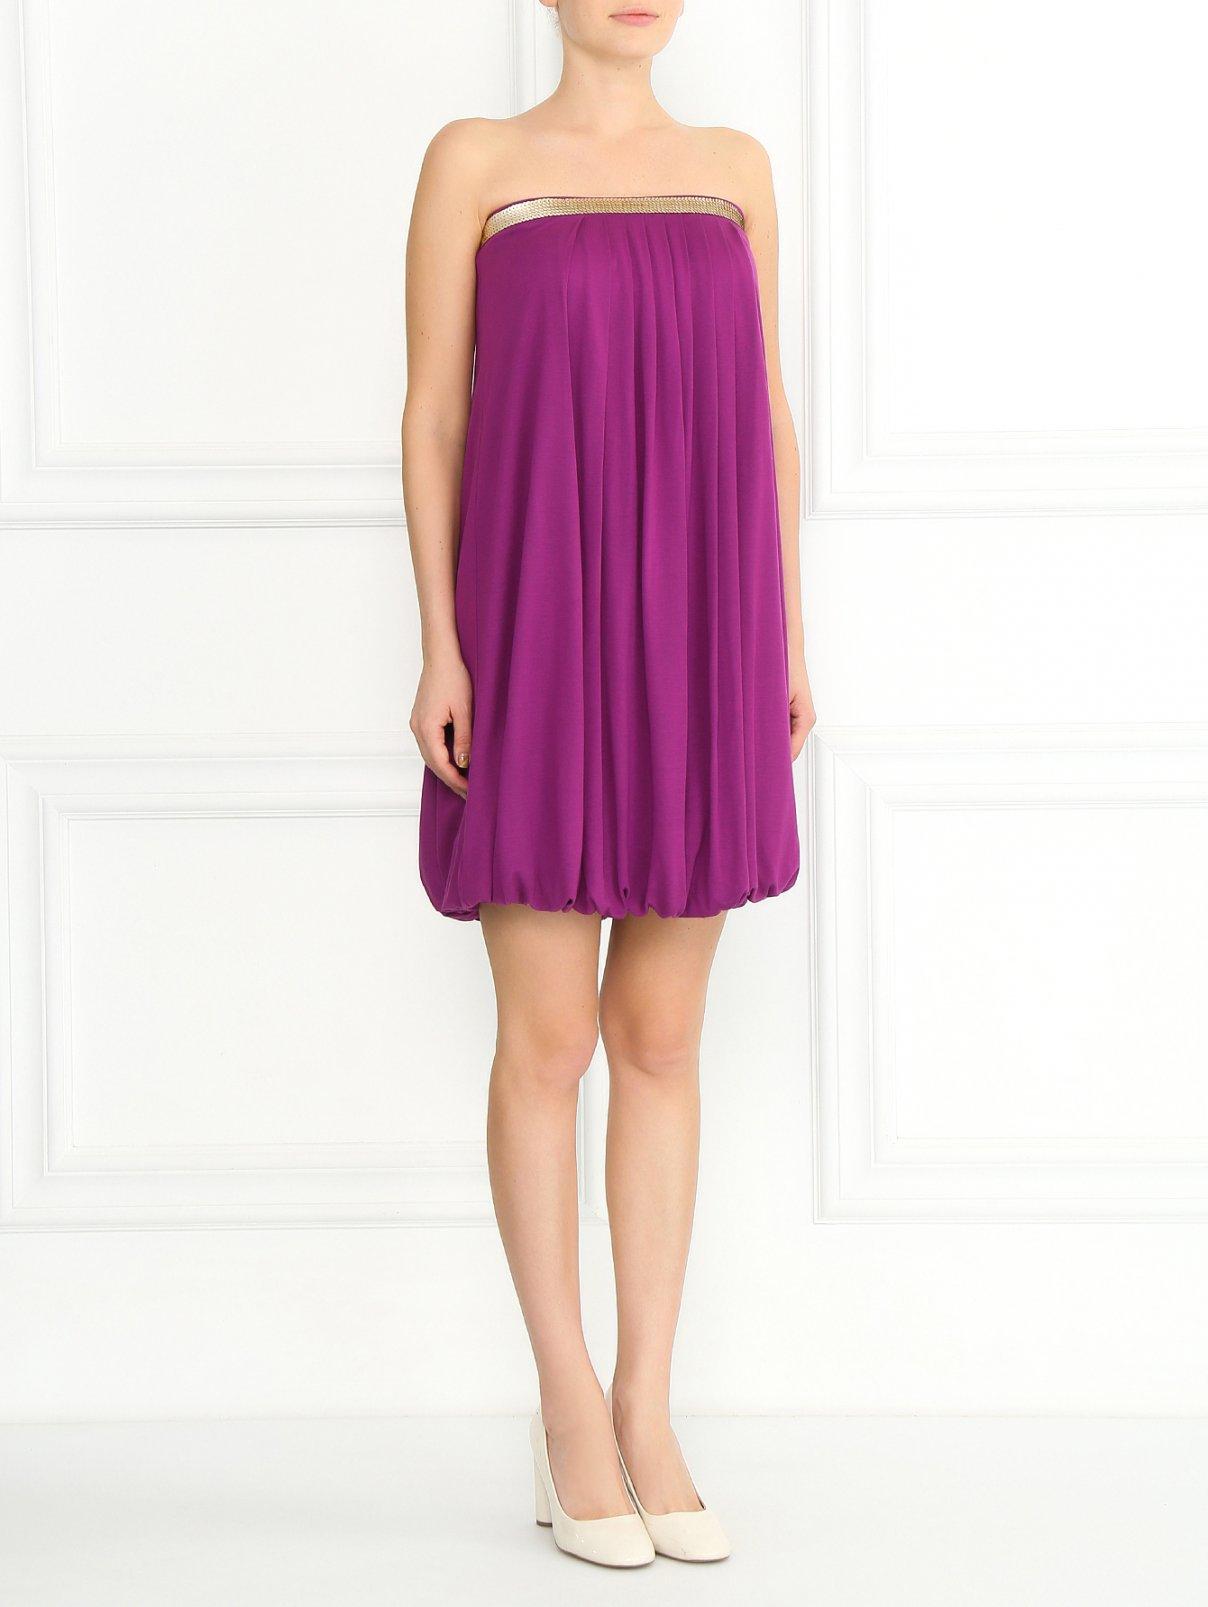 Трикотажное платье-мини с драпировкой и пайетками La Perla  –  Модель Общий вид  – Цвет:  Фиолетовый